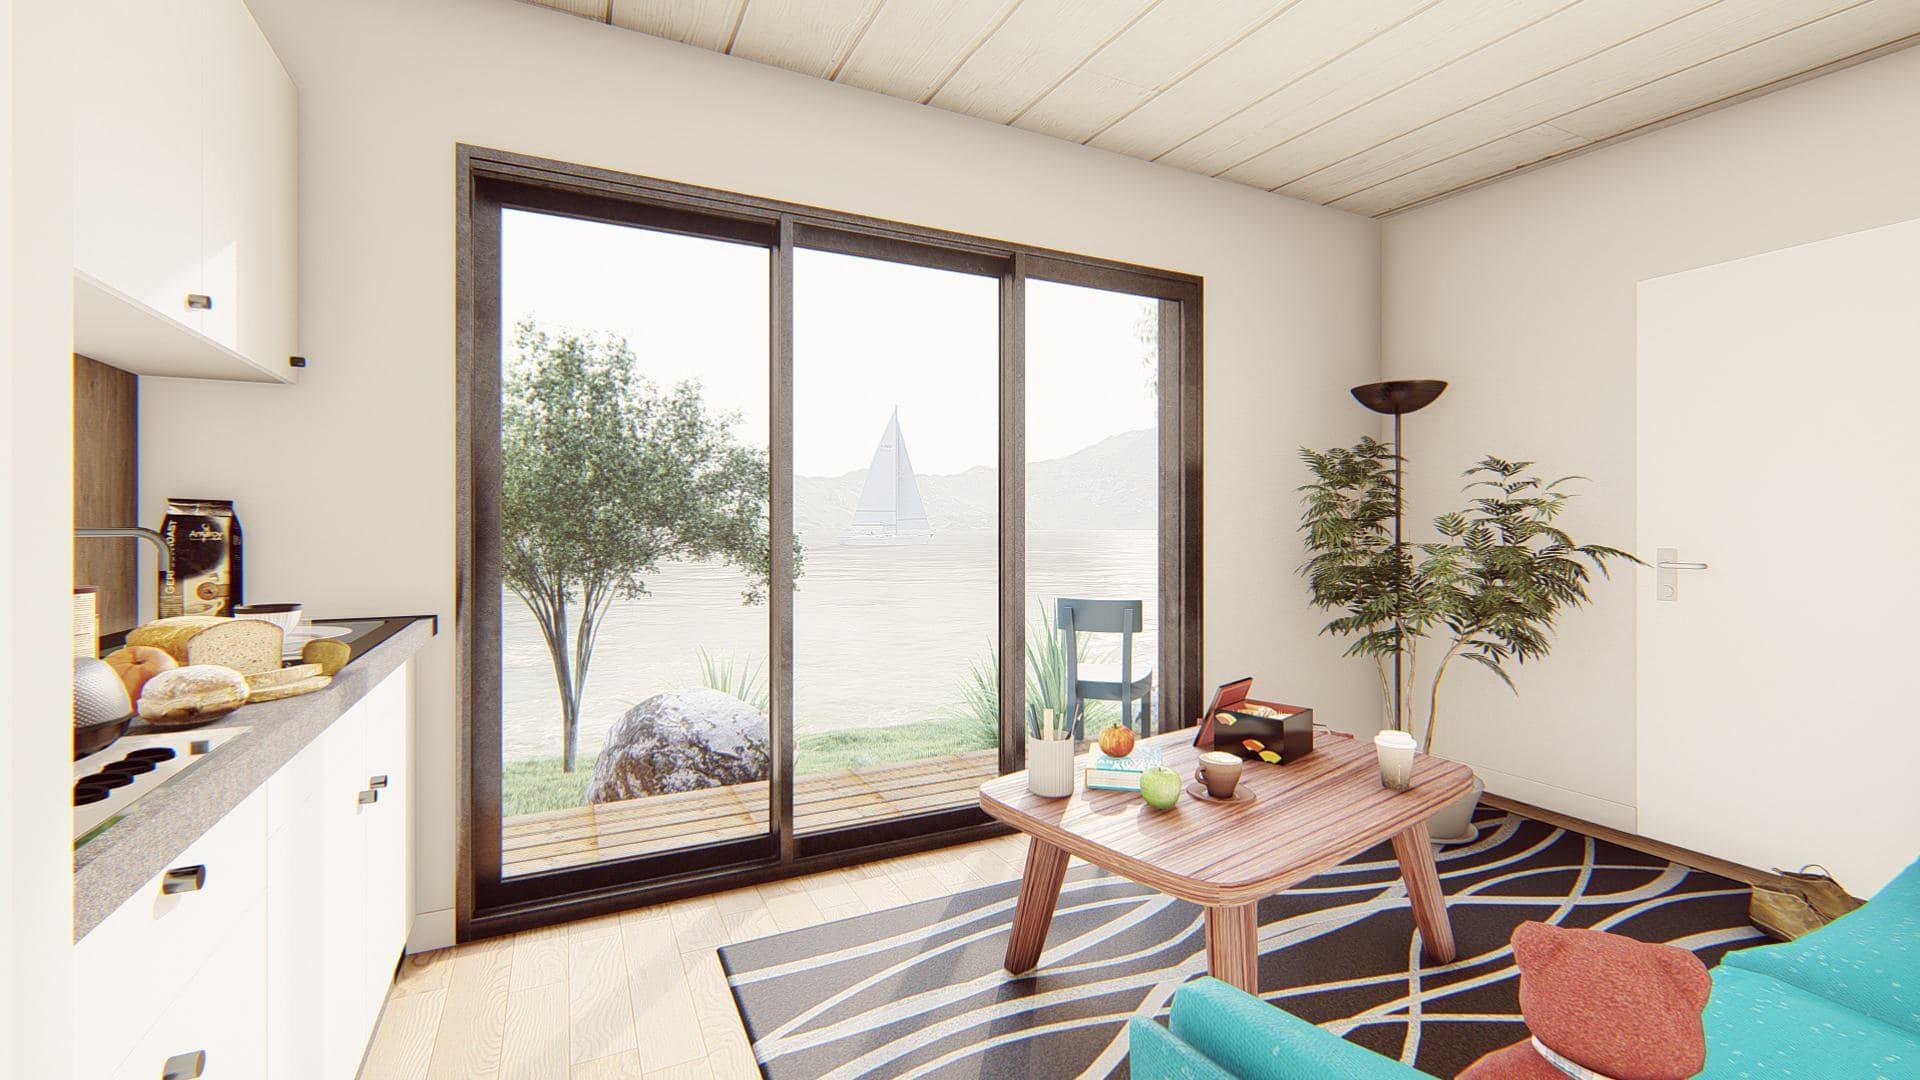 studio de jardin 20 m2 vue interieure 1